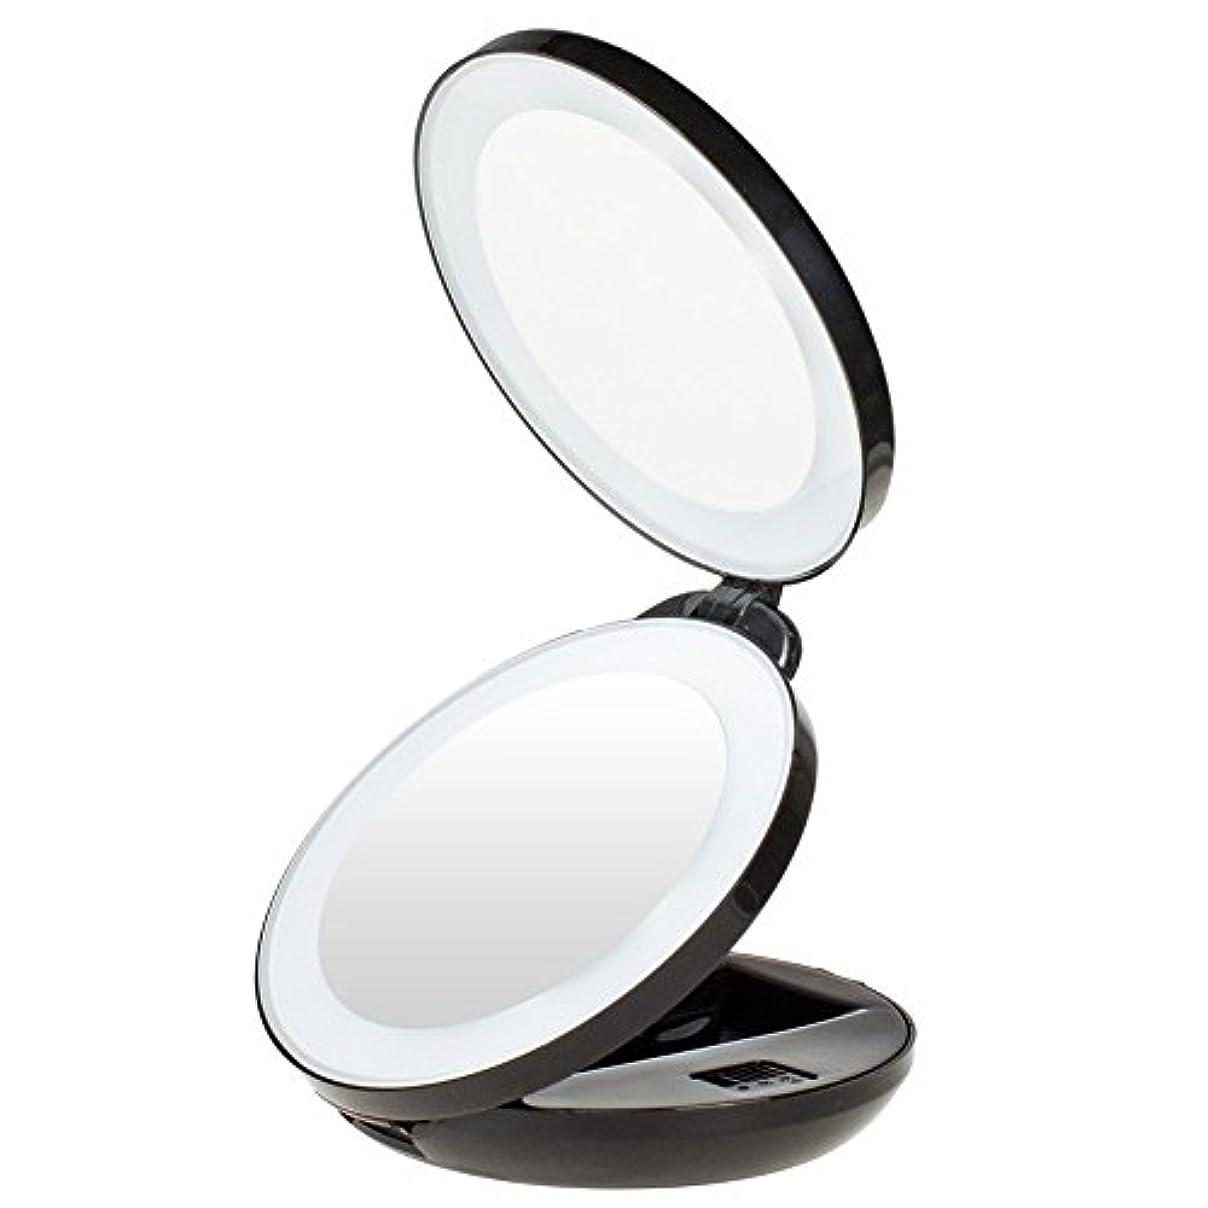 覚醒変成器リレーKEDSUM 手鏡 両面化粧鏡 コンパクトミラー LED化粧鏡 等倍鏡+10倍拡大鏡 LEDミラー 角度調整 折り畳み 丸型 おしゃれ ハンド 携帯ミラー 旅行ミラー 女優ミラー